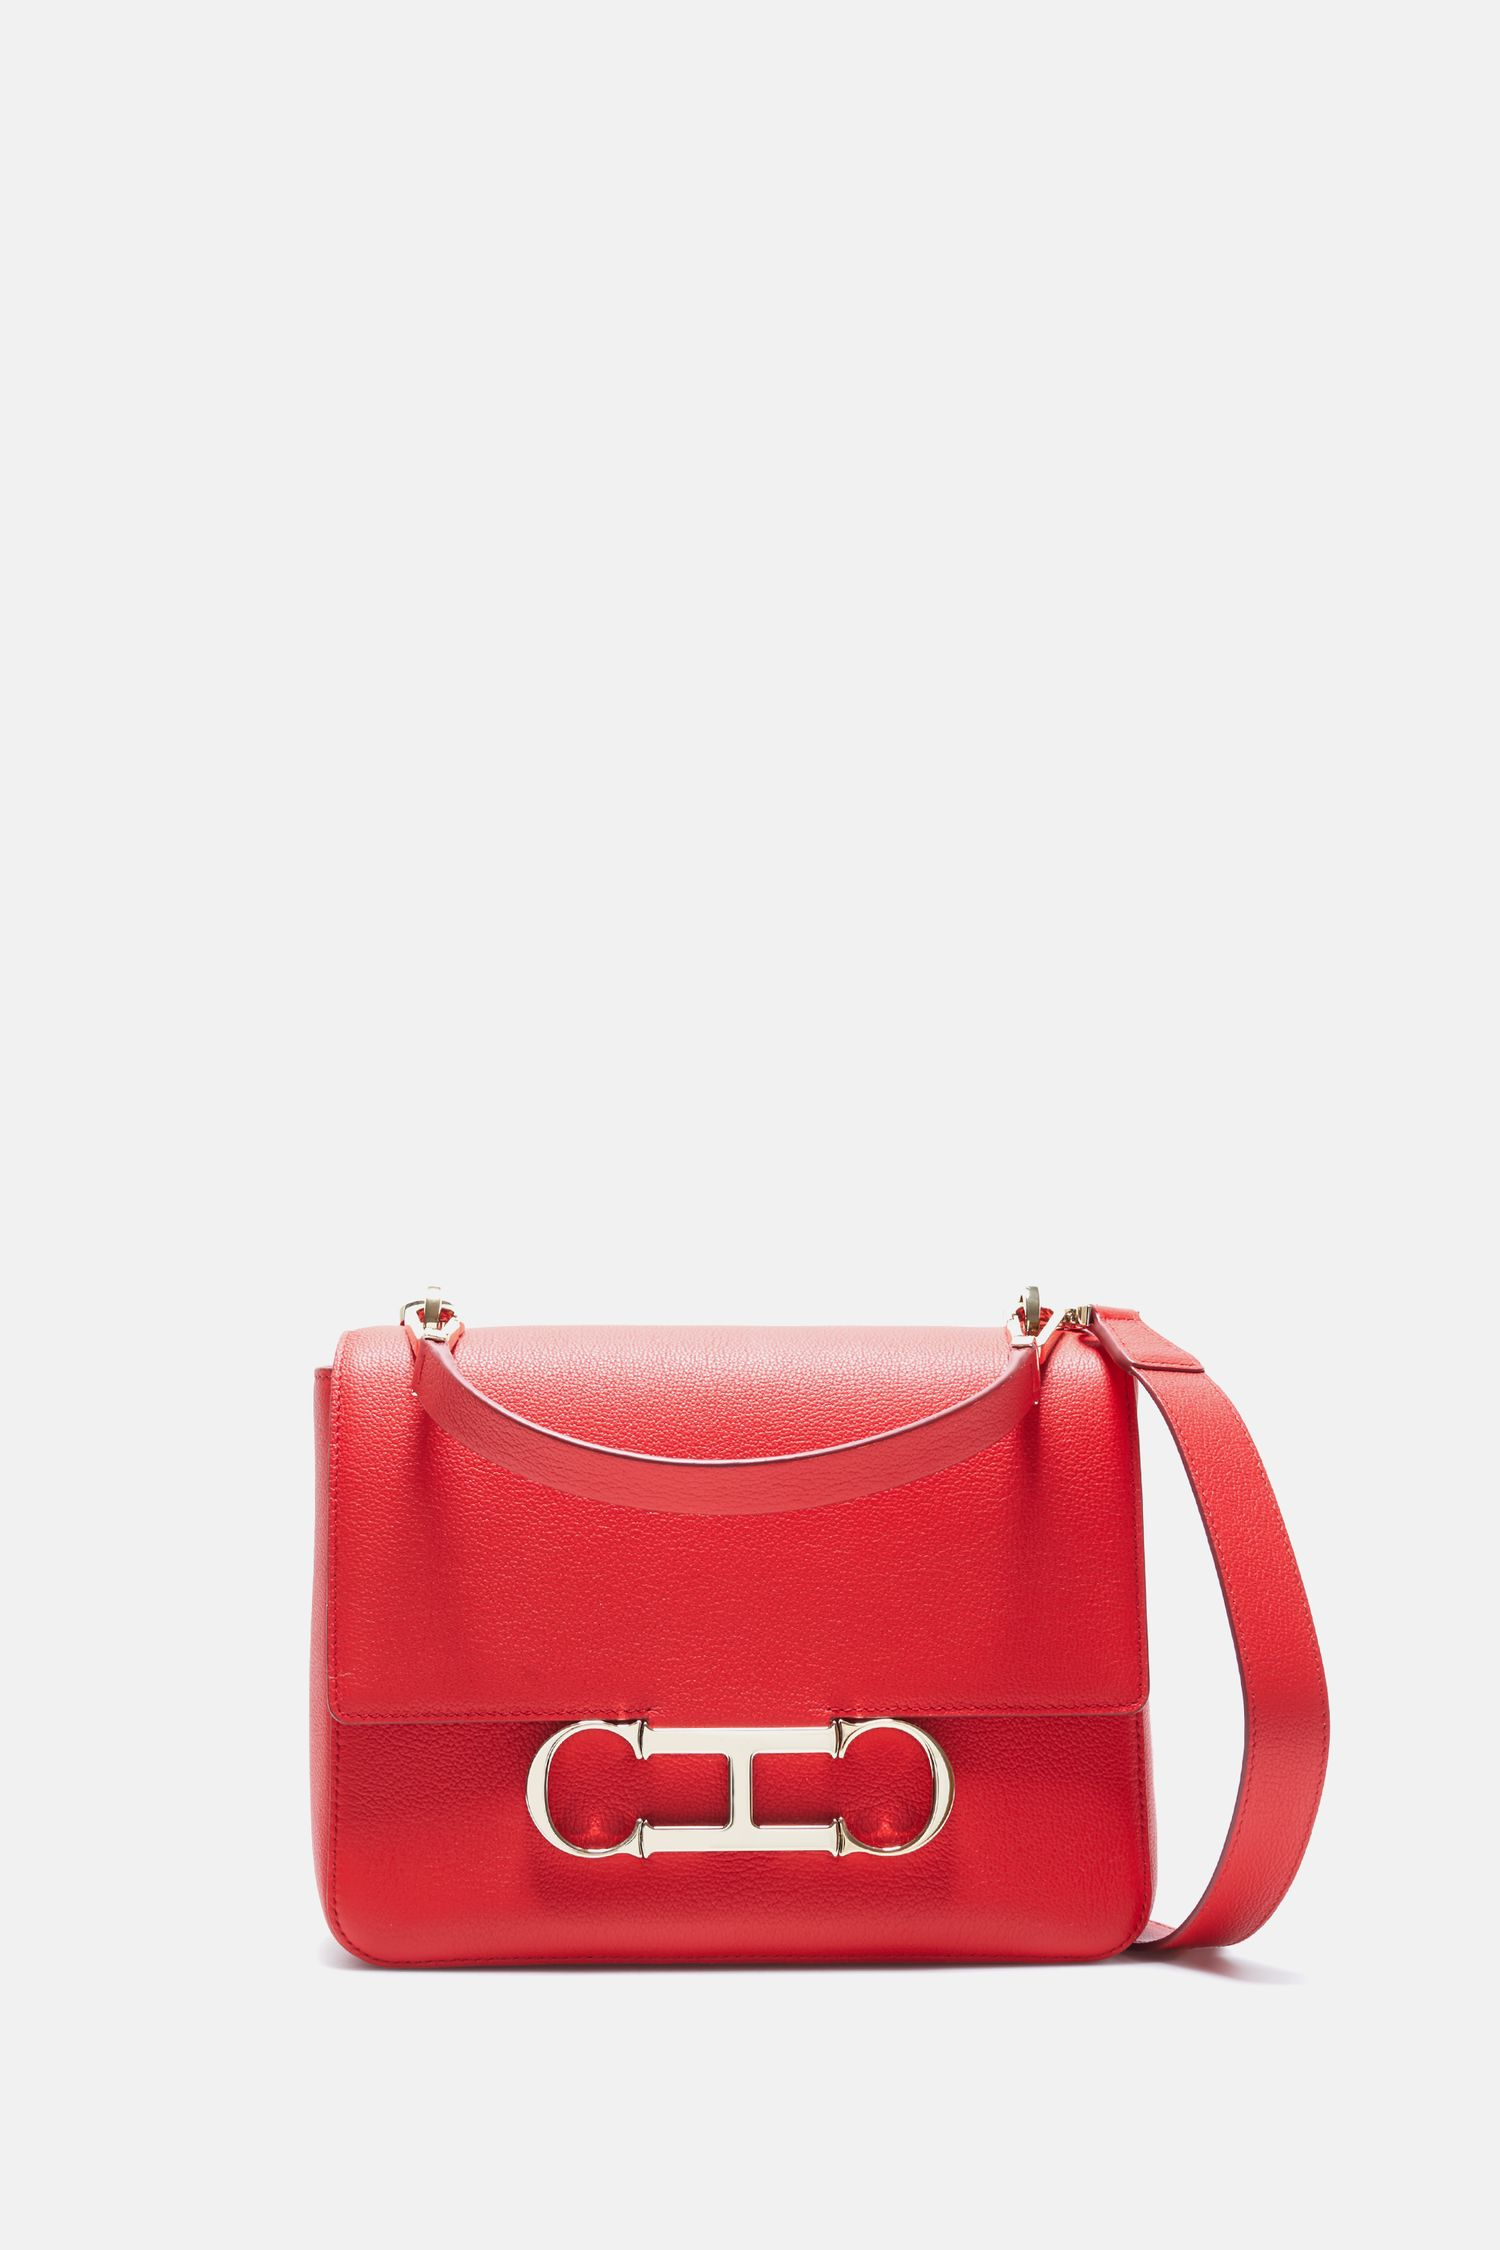 Initials Insignia Satchel    Medium shoulder bag